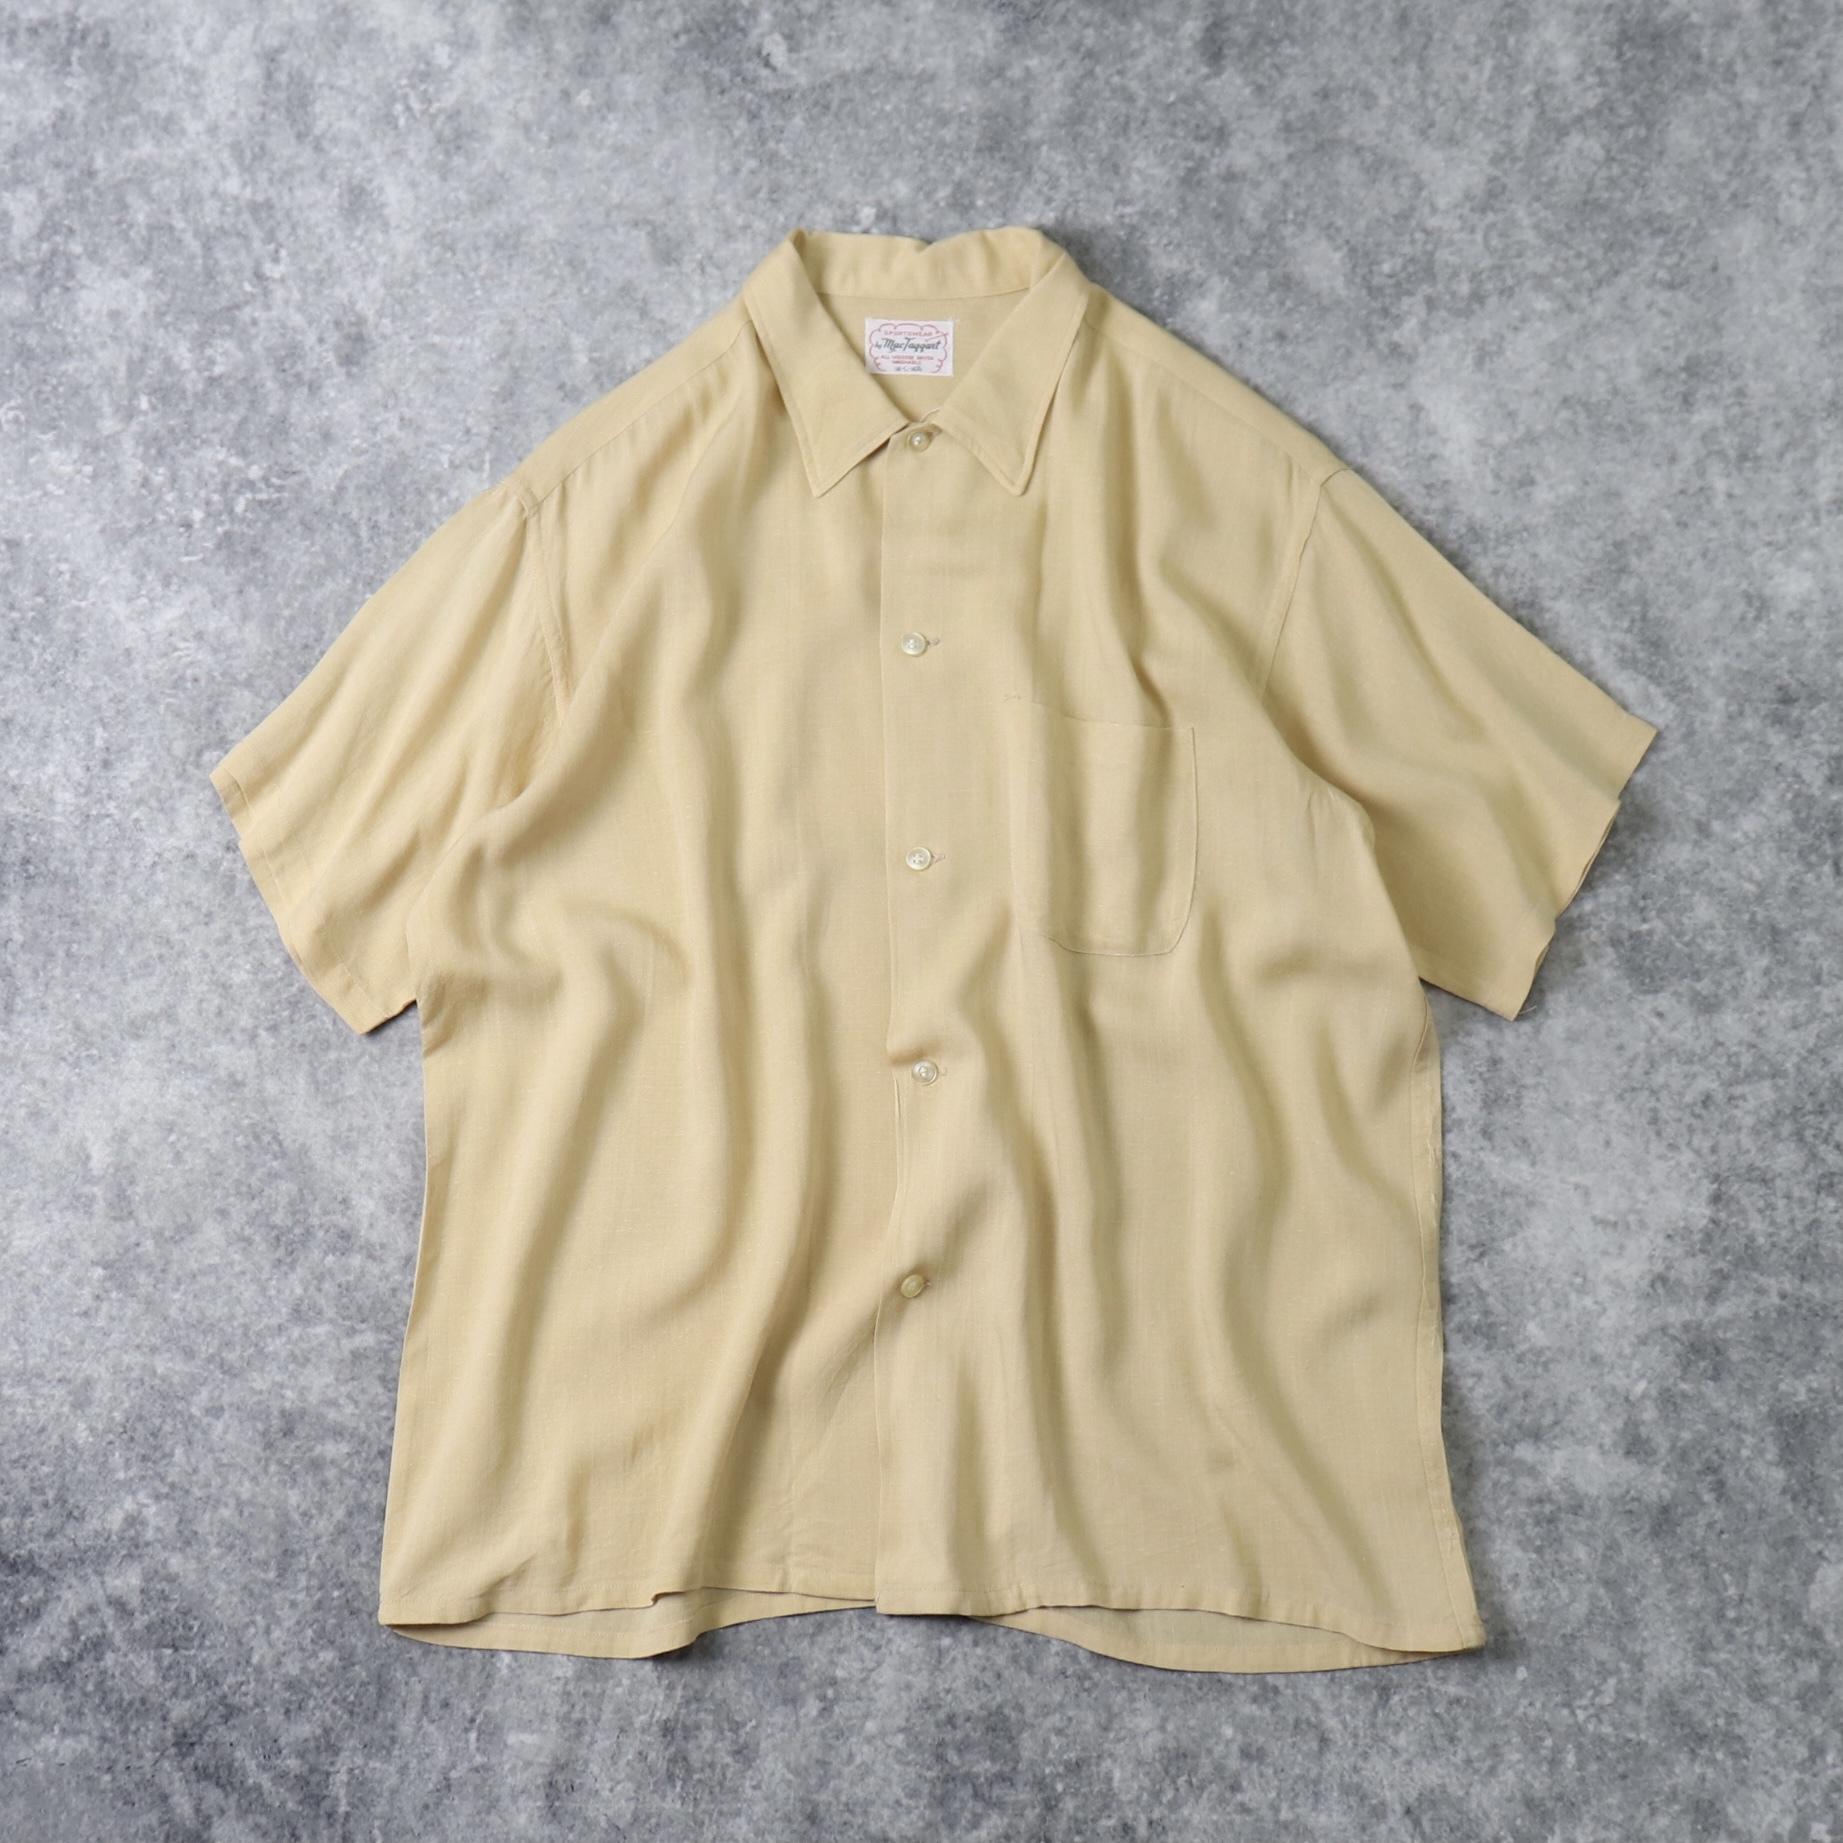 60年代 ''Mac Taqqant'' レーヨンシャツ 半袖シャツ 古着 A795